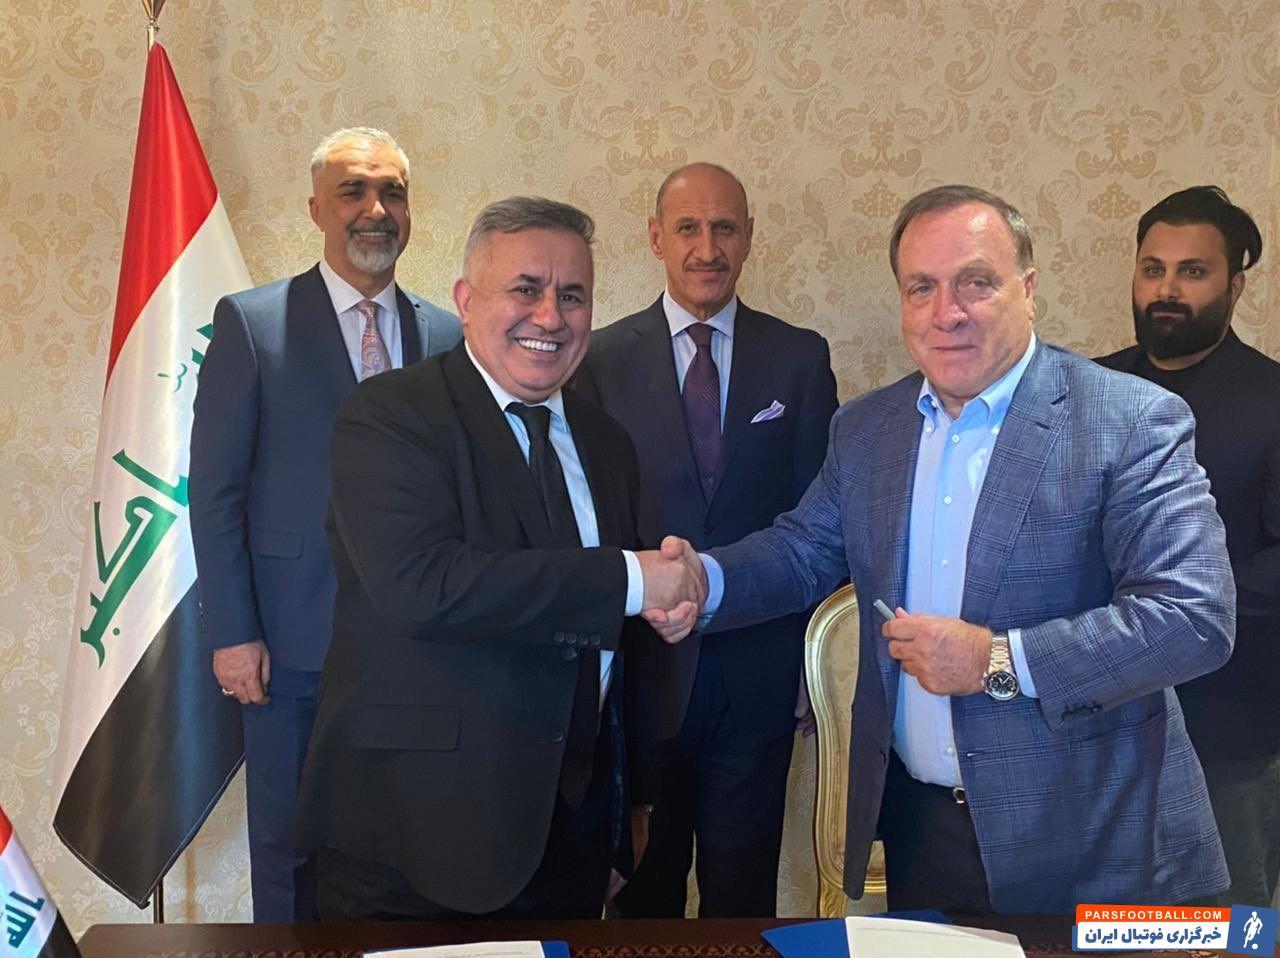 دیک ادووکات، سرمربی جدید تیم ملی عراق ؛ پرونده کارلوس کی روش بسته شد